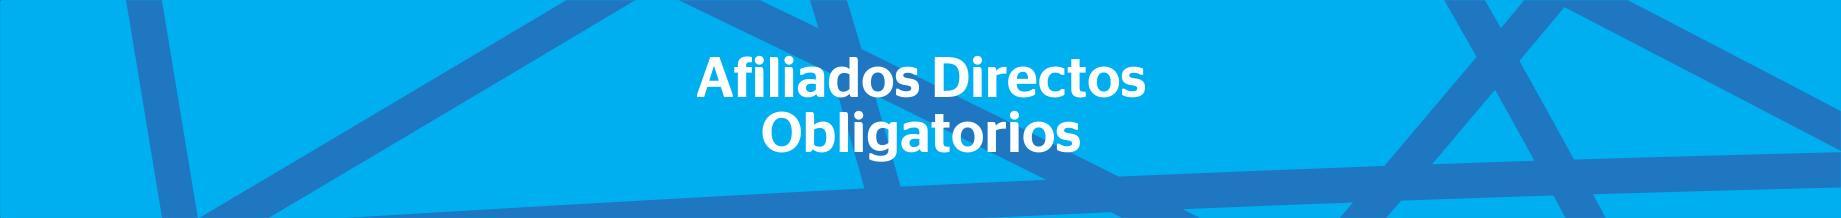 Afiliados Directos Obligatorios